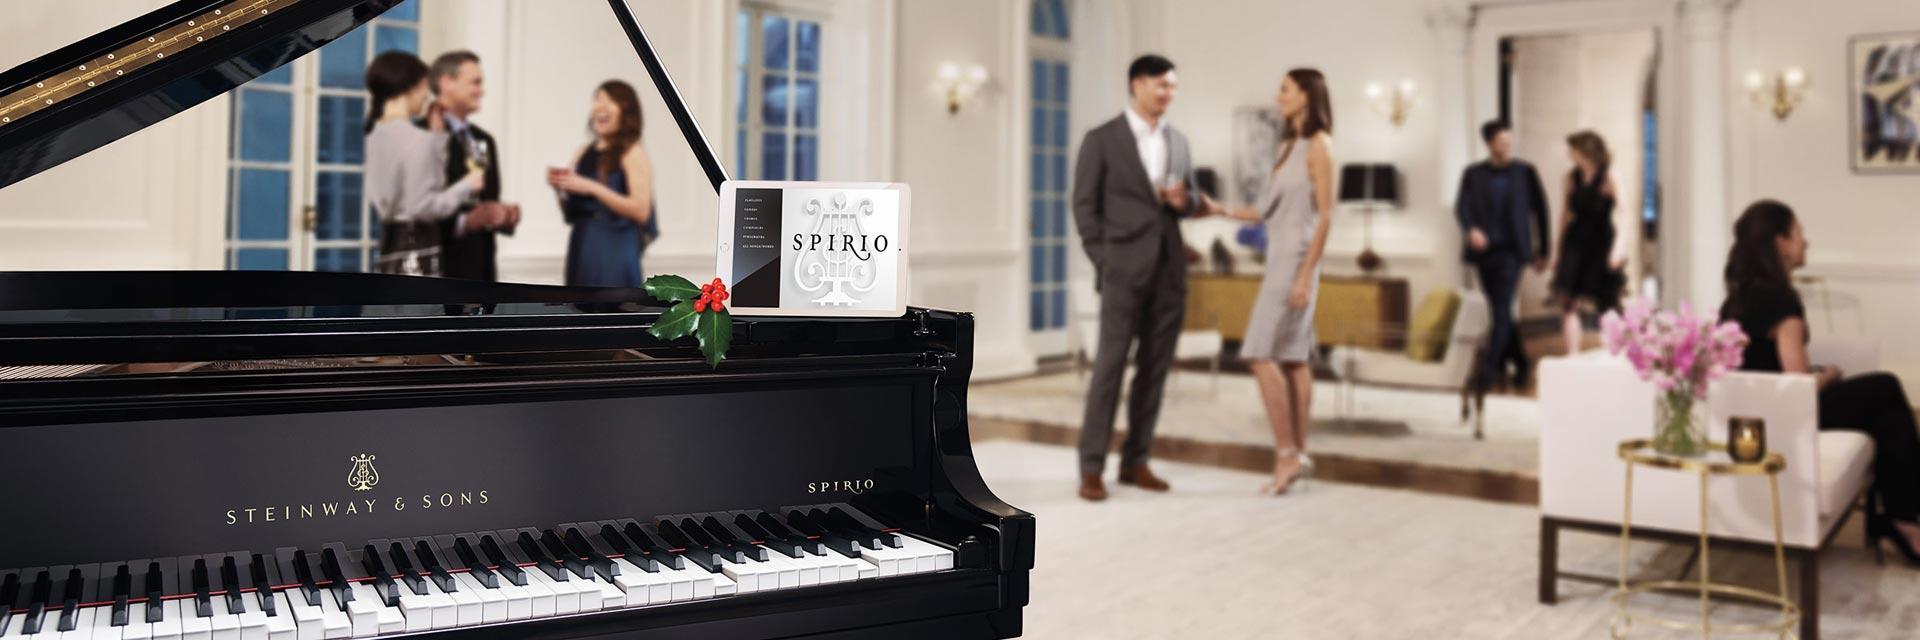 Pianos kaufen Sie in Dresden bei Piano-Gäbler